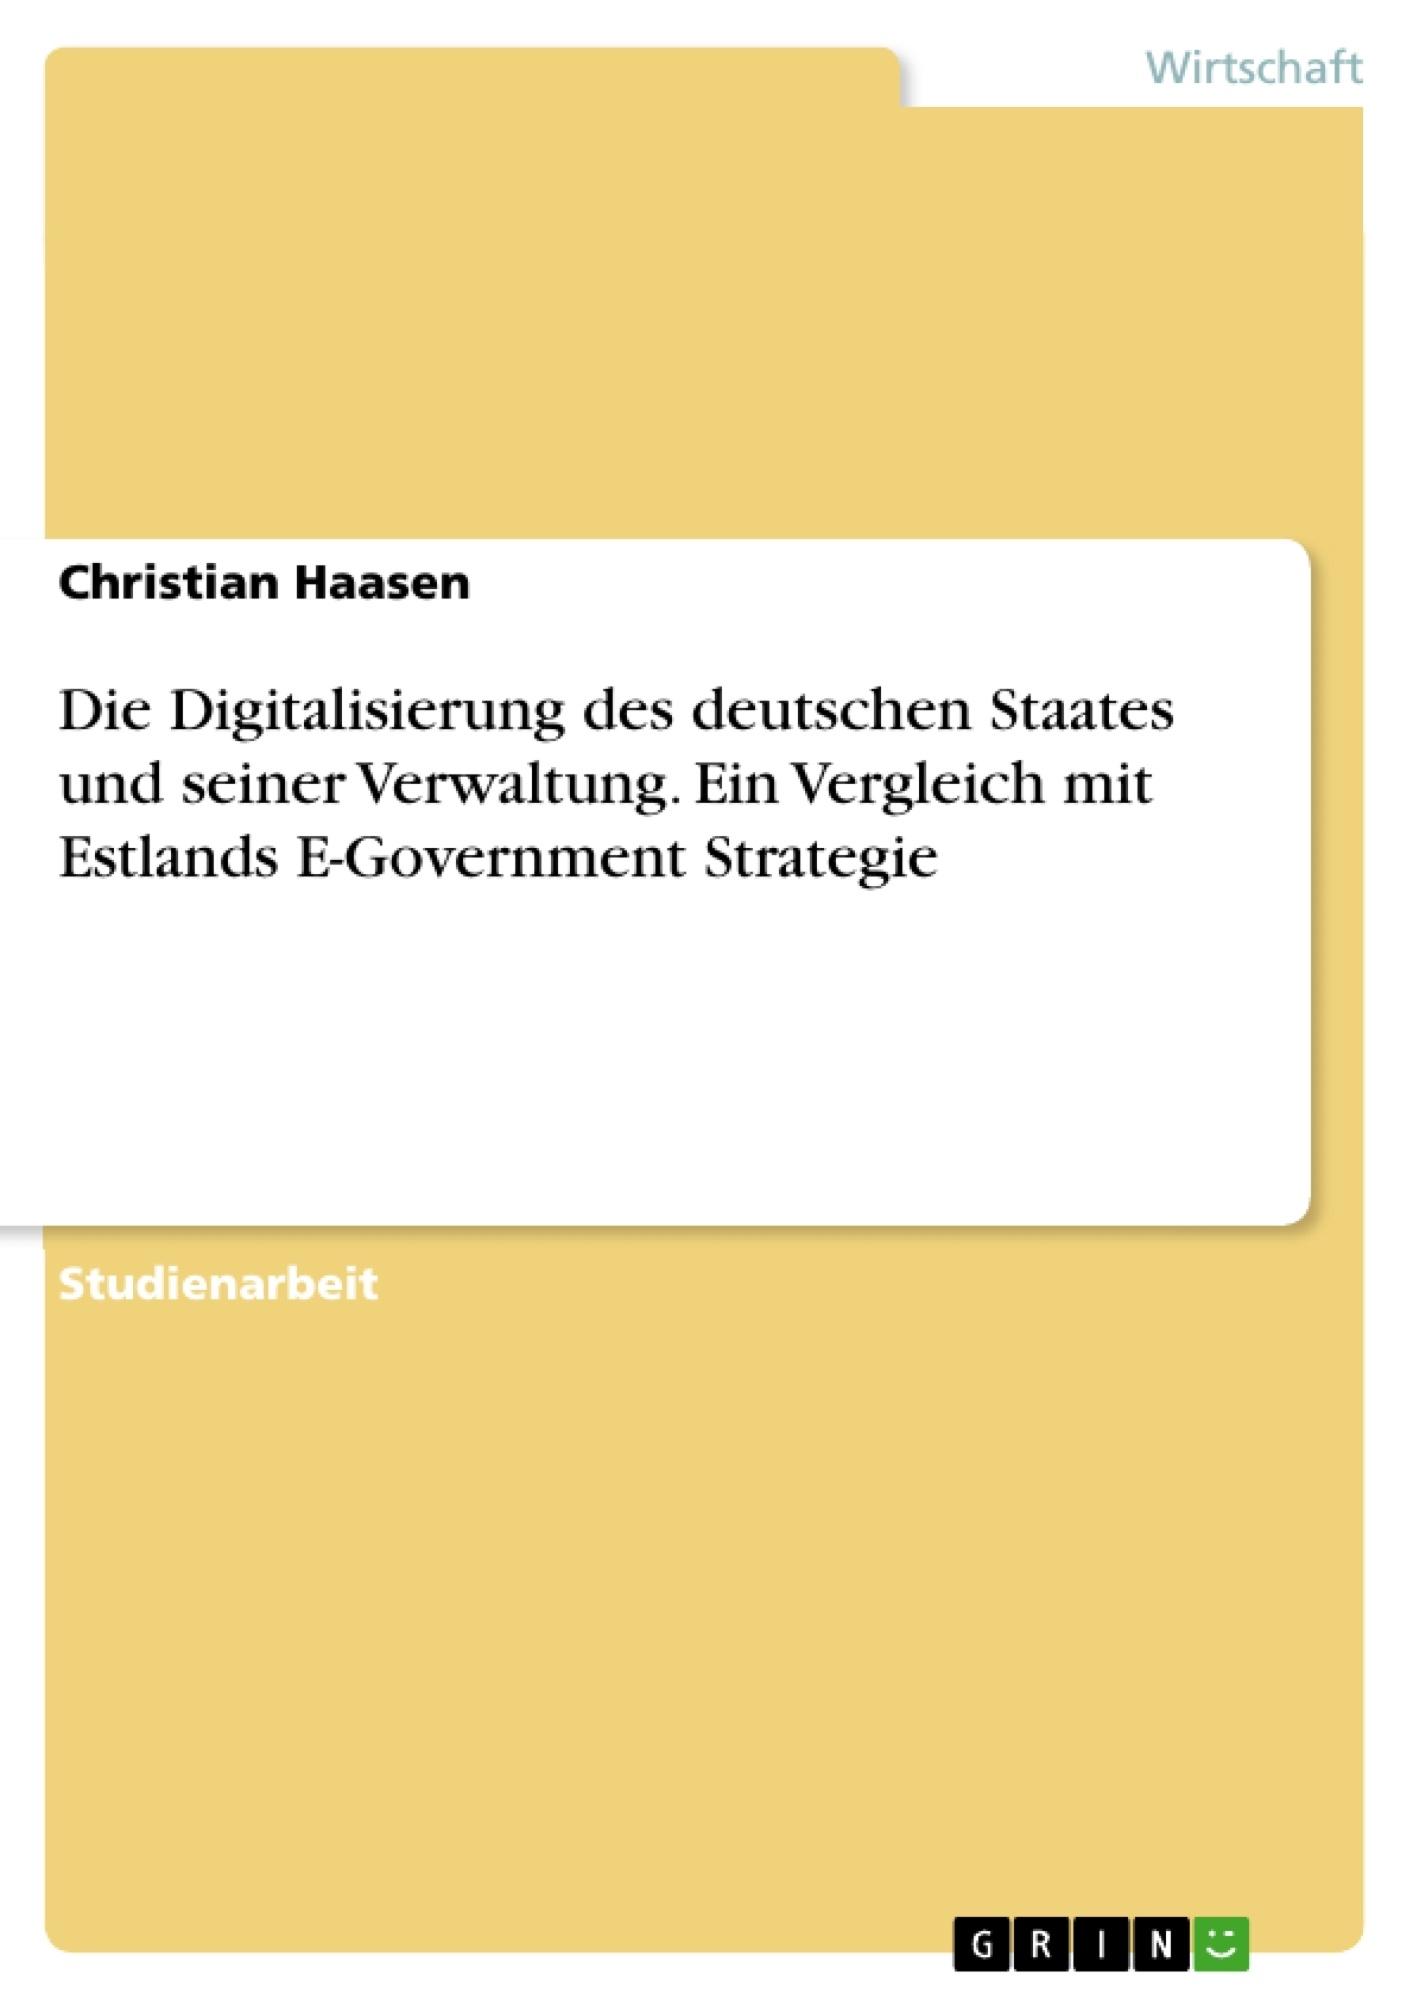 Titel: Die Digitalisierung des deutschen Staates und seiner Verwaltung. Ein Vergleich mit Estlands E-Government Strategie